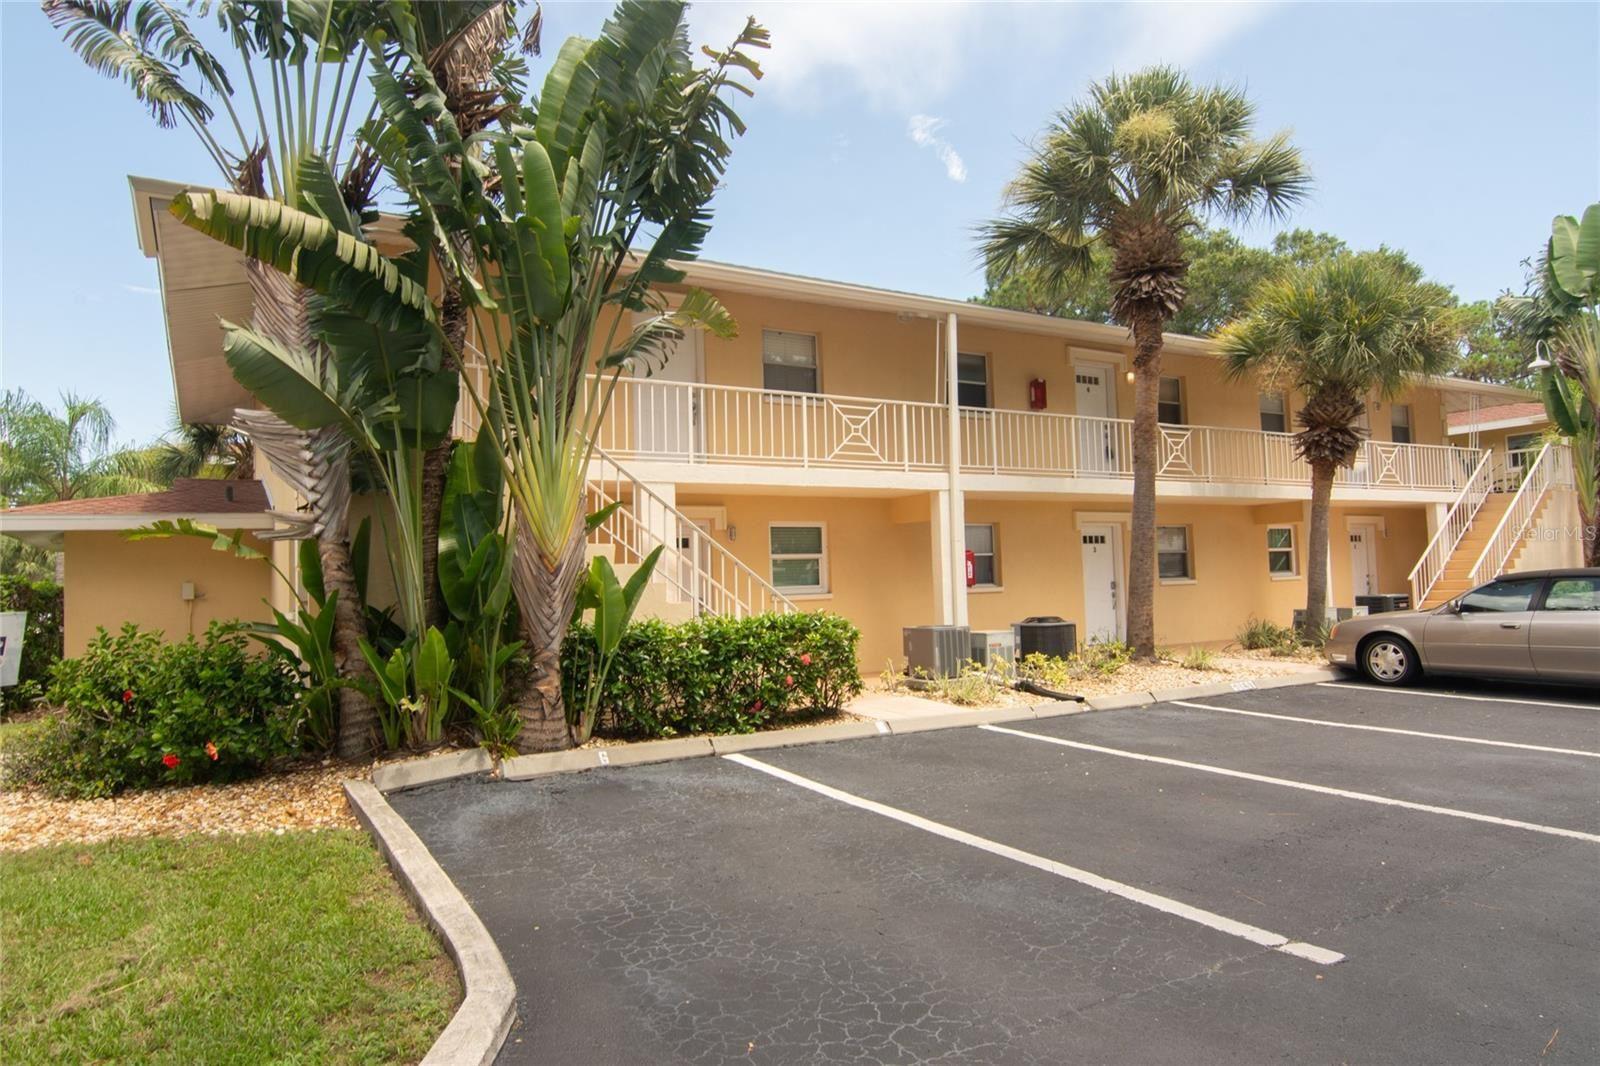 912 LA COSTA CIRCLE #4, Sarasota, FL 34237 - #: A4508553